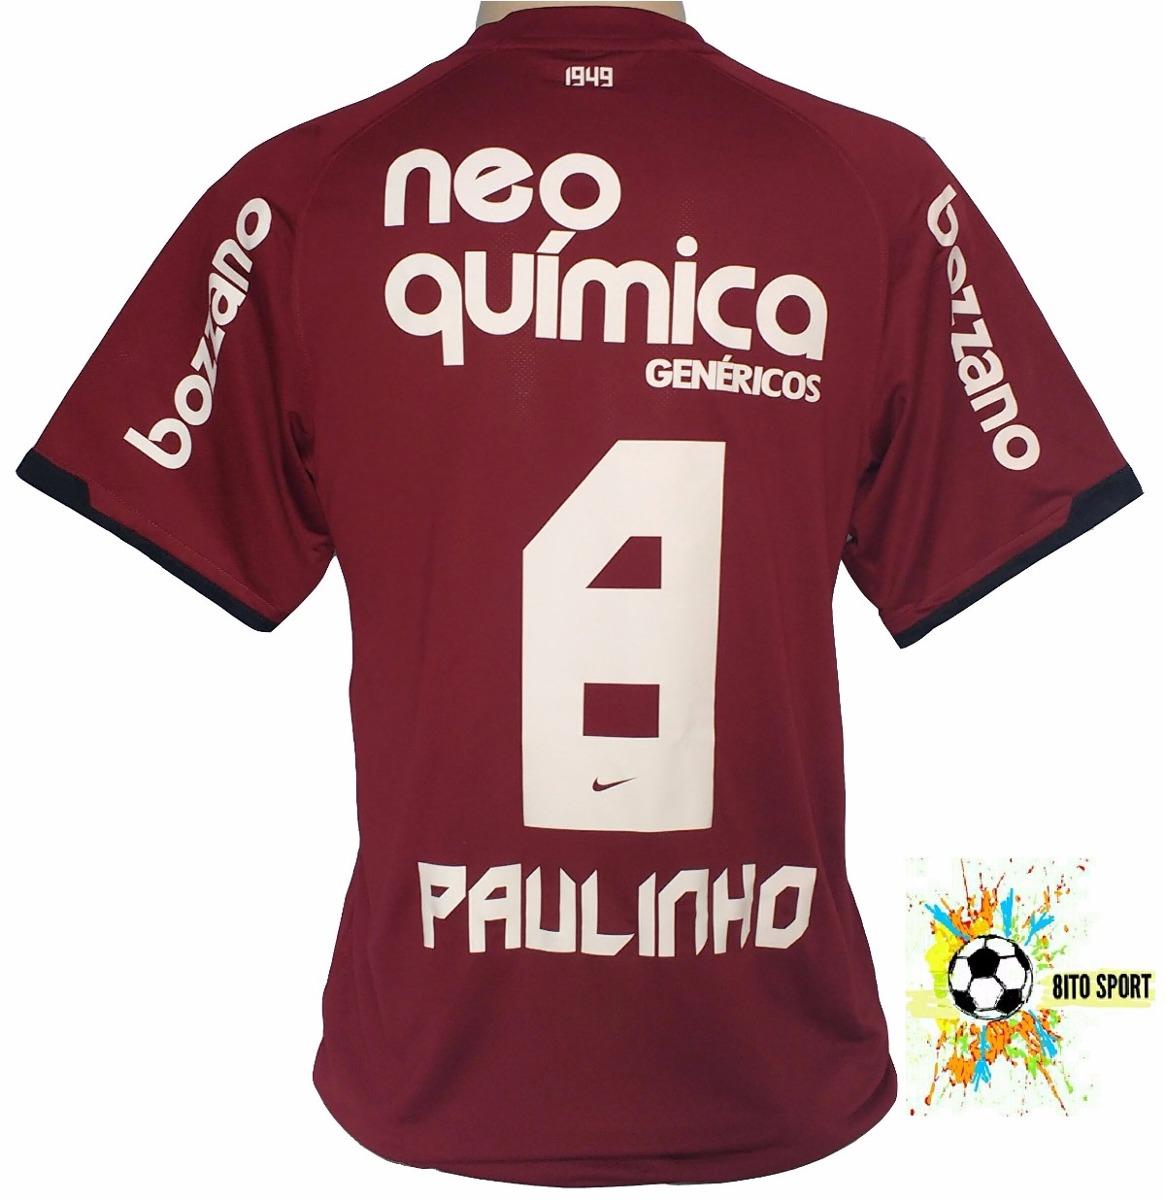 381d8cf9f521a Camisa Corinthians Campeão 2011 Original Nike Paulinho Grená - R ...